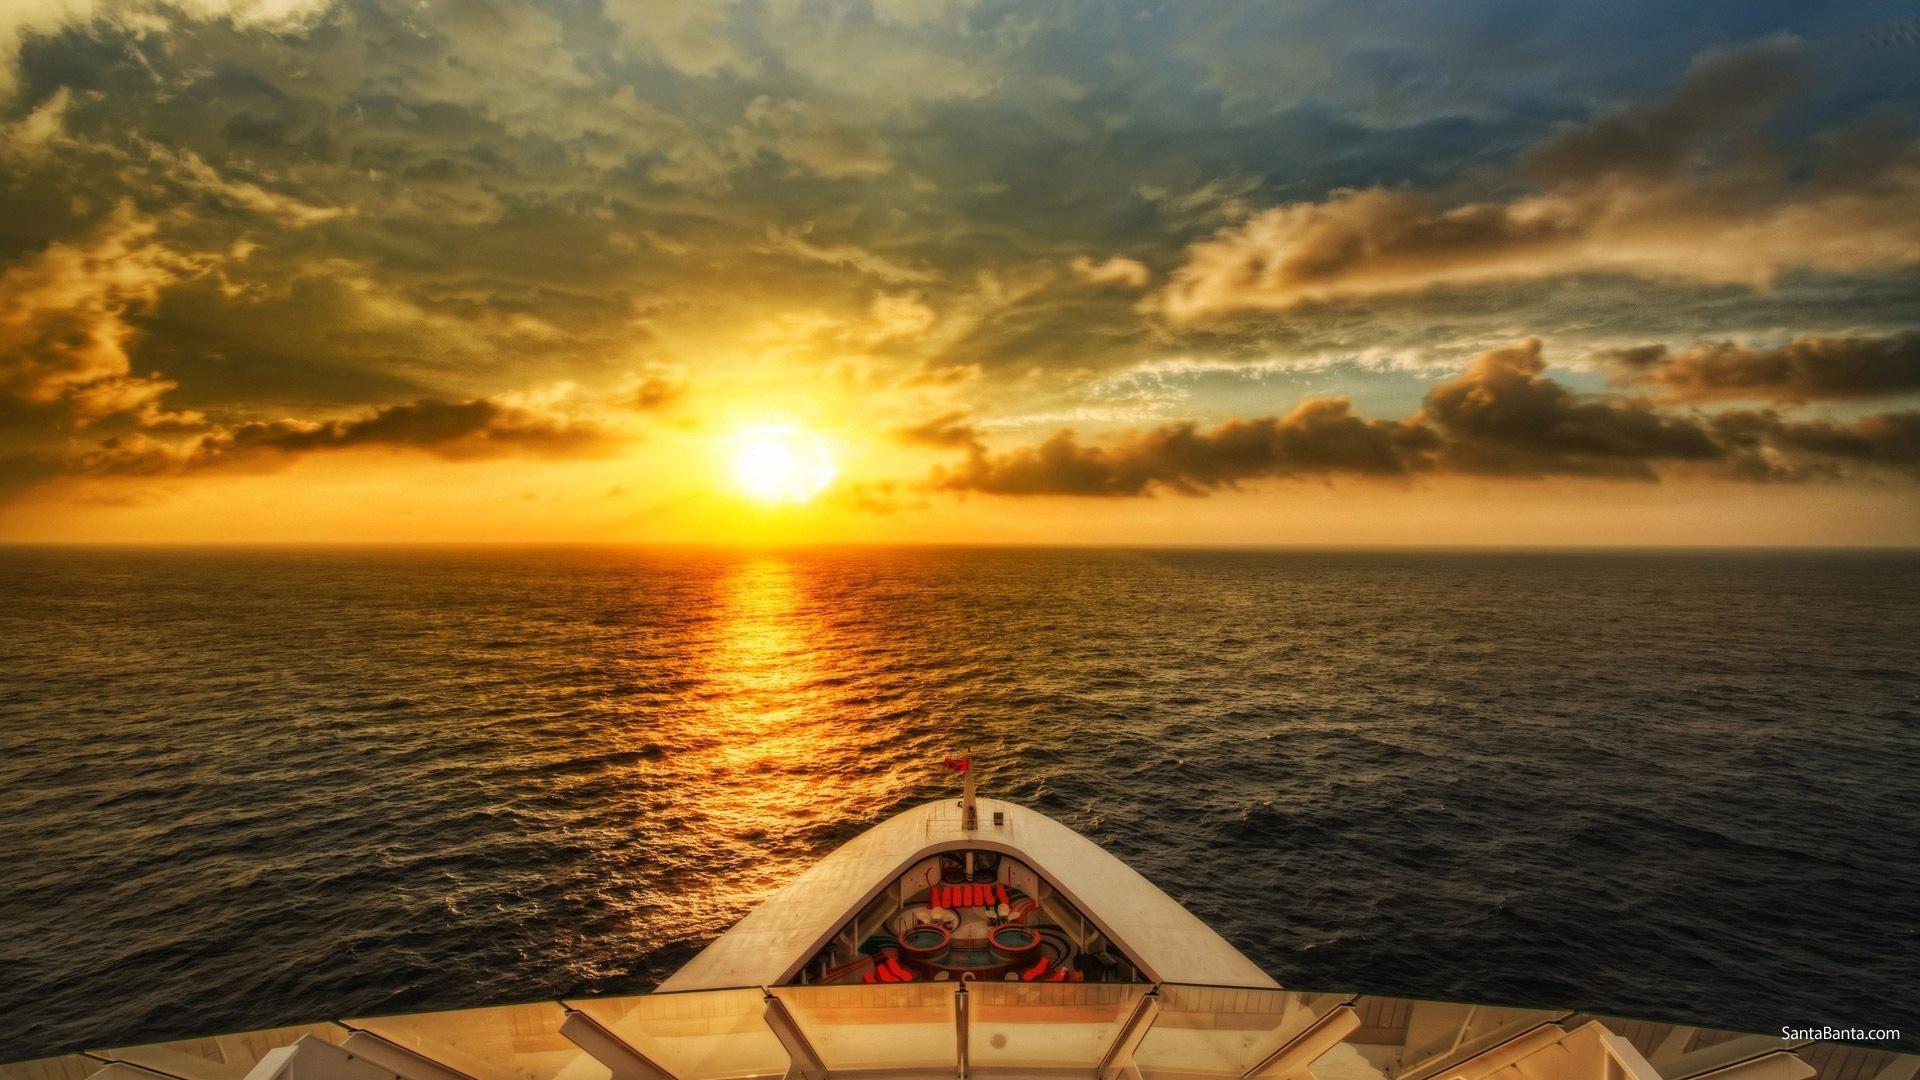 Beautiful Sunset HD Wallpaper 1920x1080